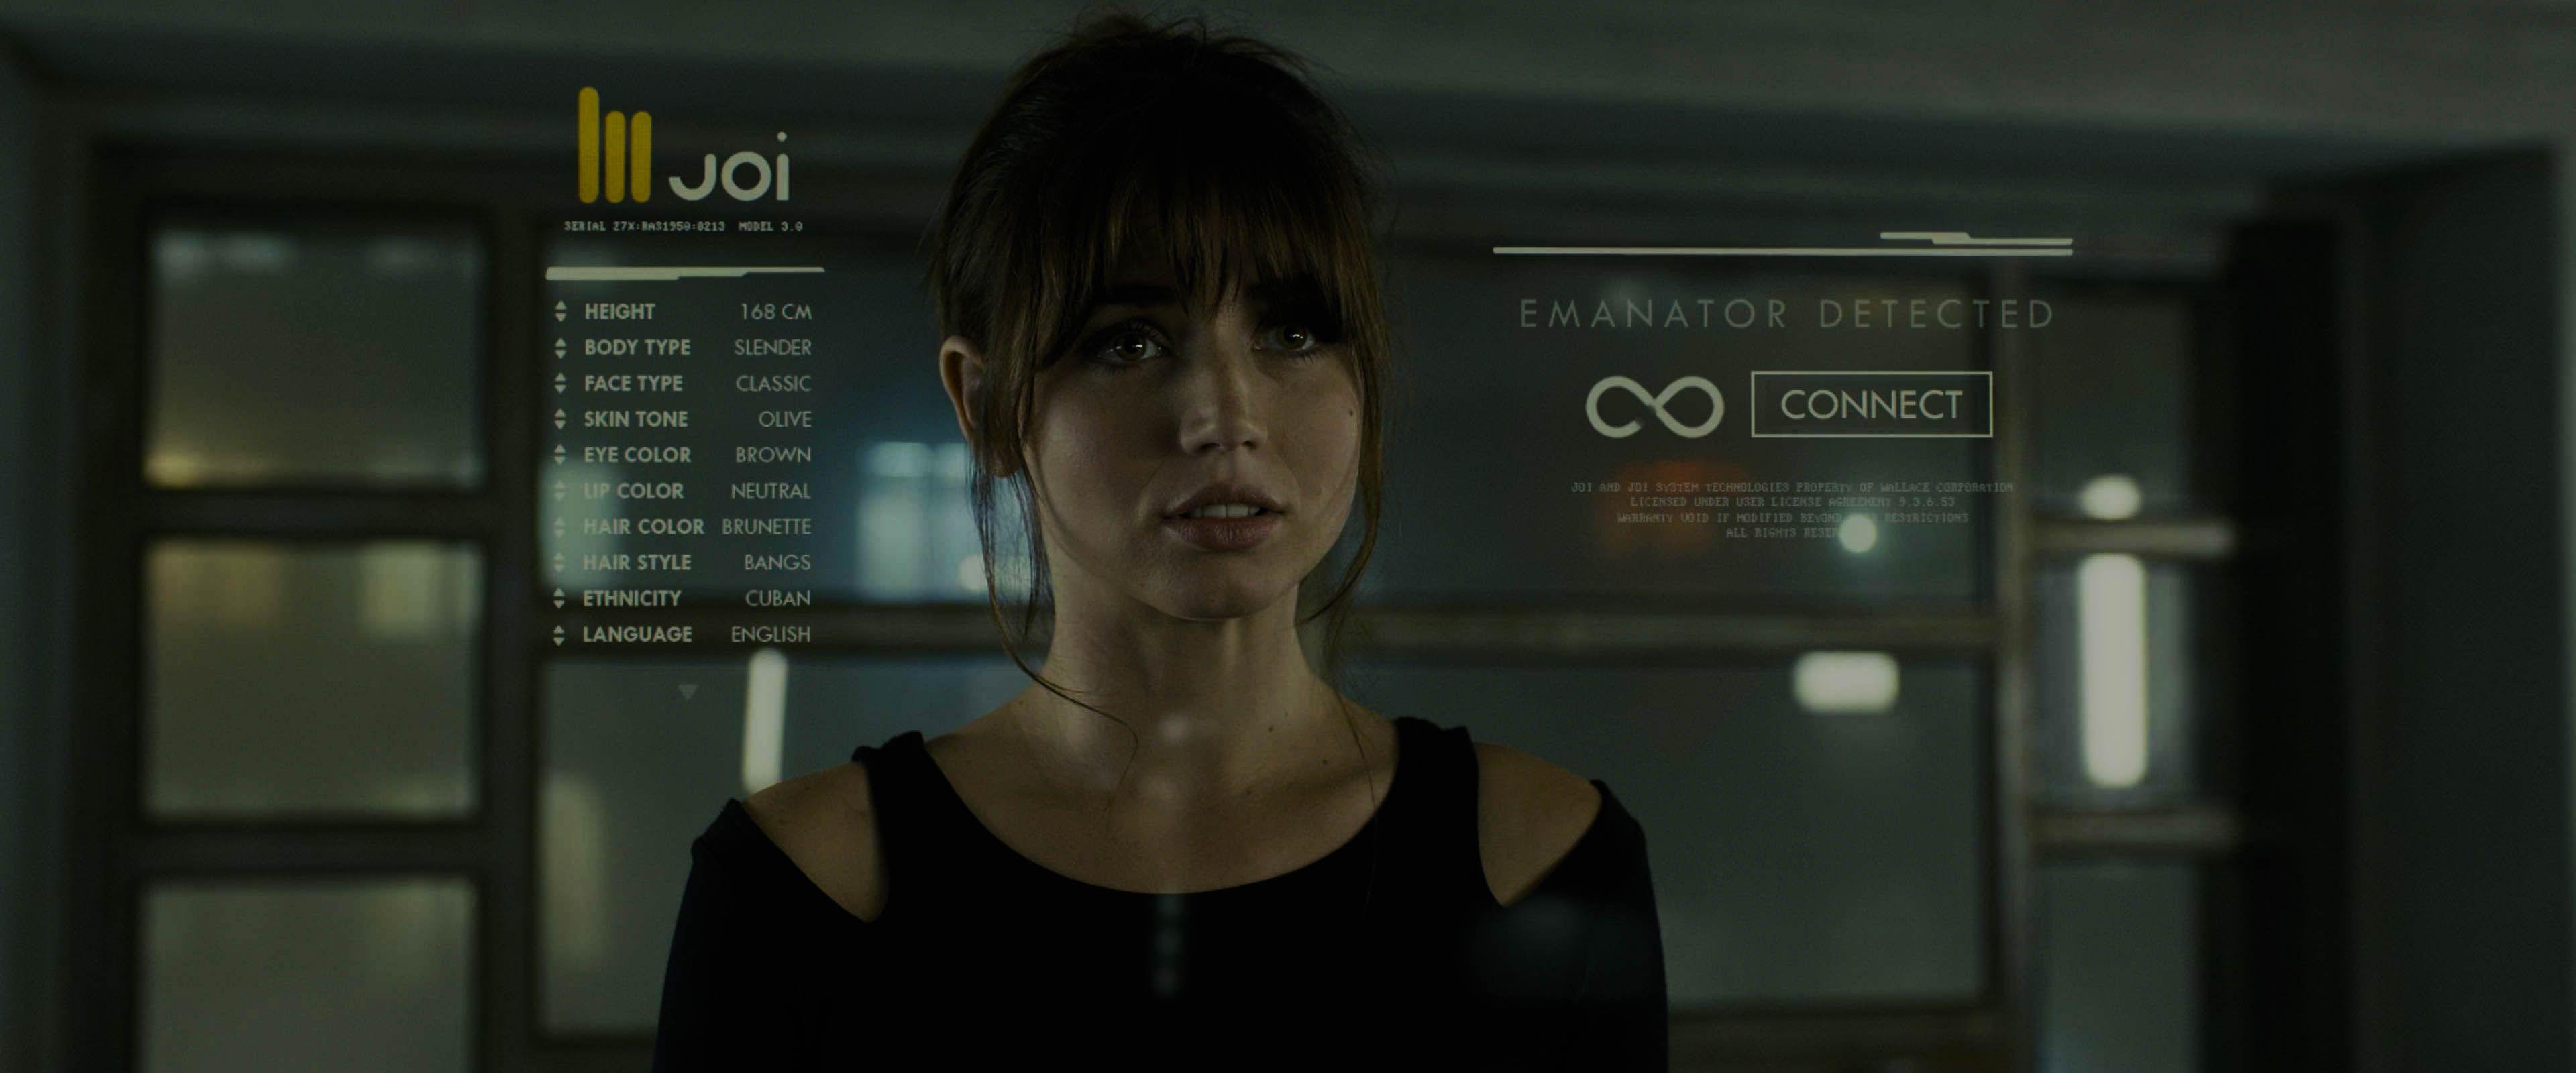 270 Blade Runner 2049 4k Screen Shots Frame Captures Luke Dowding On The Web